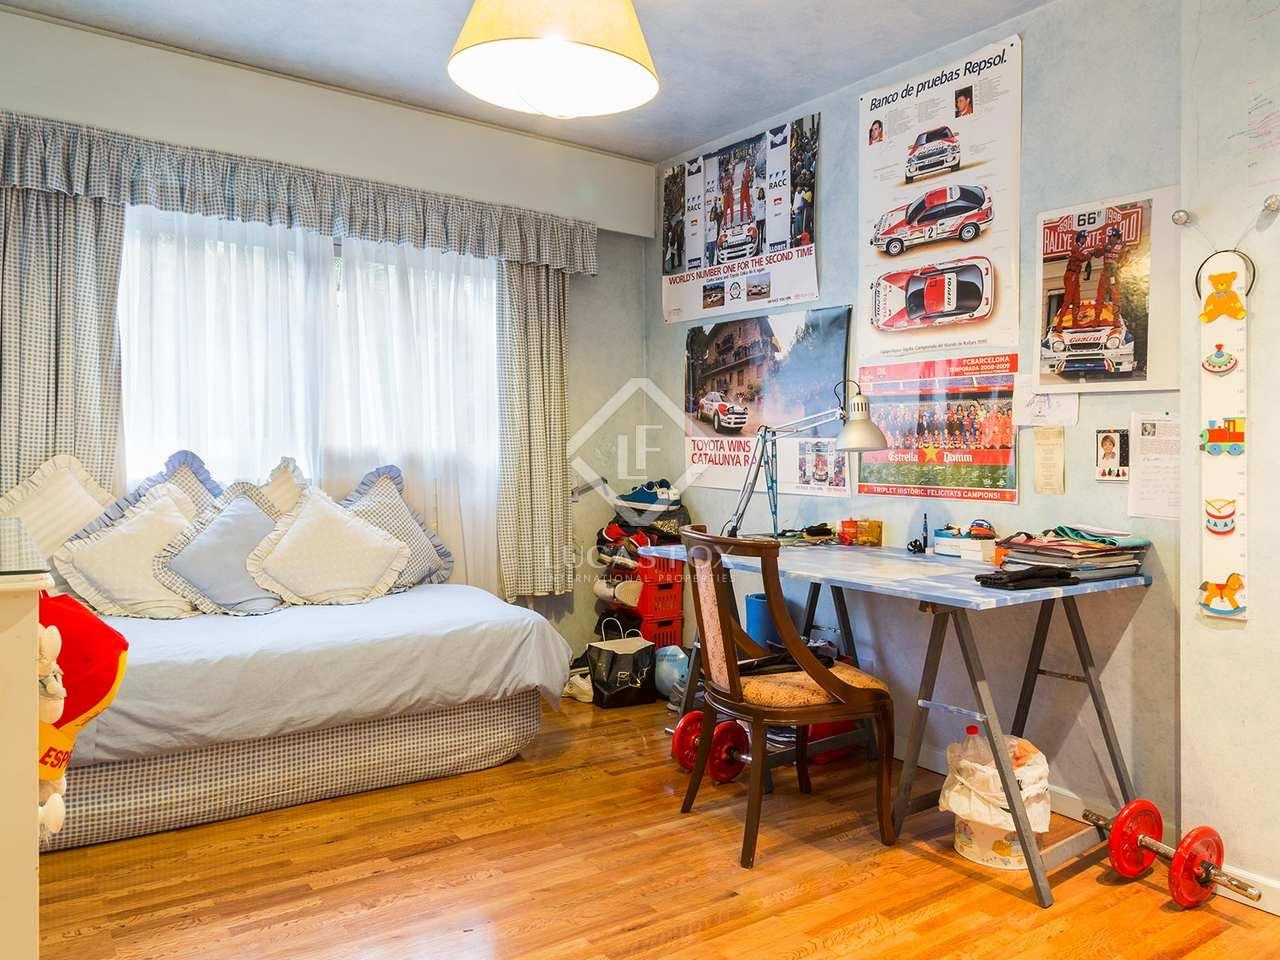 Appartement sublime en vente la zona alta de barcelone - Appartement vente barcelone ...